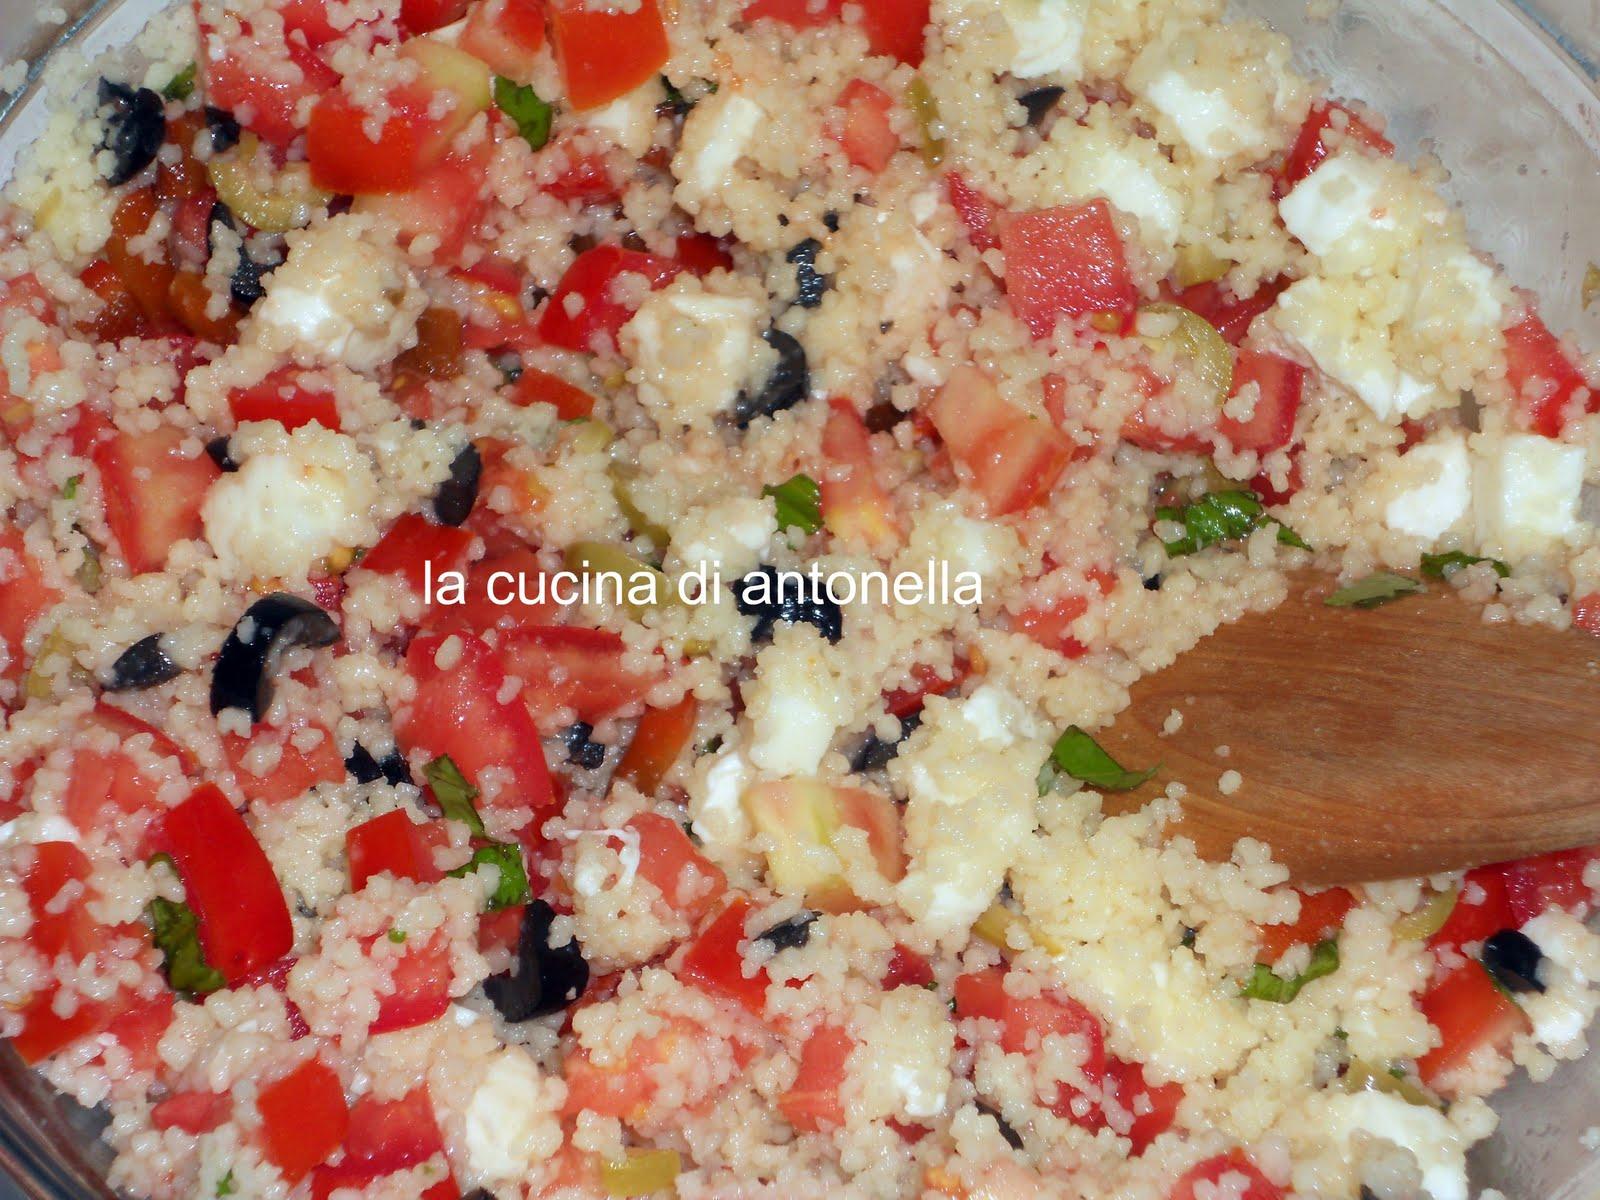 Cous cous caprese da la cucina di antonella su akkiapparicette - La cucina di antonella ...